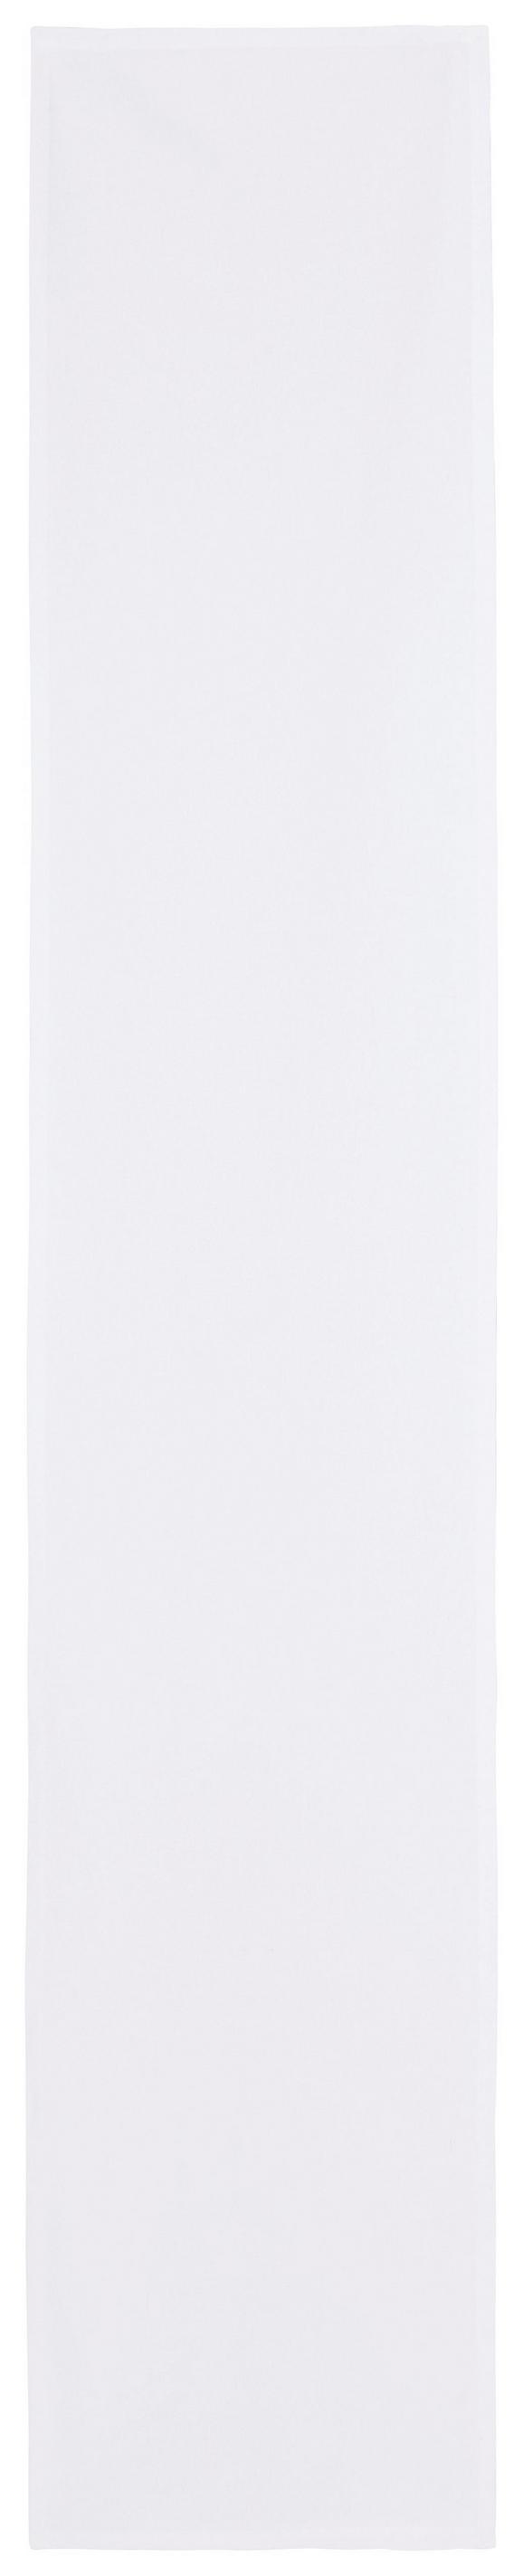 Tischläufer Steffi Natur - Naturfarben, Textil (45/240cm) - Mömax modern living